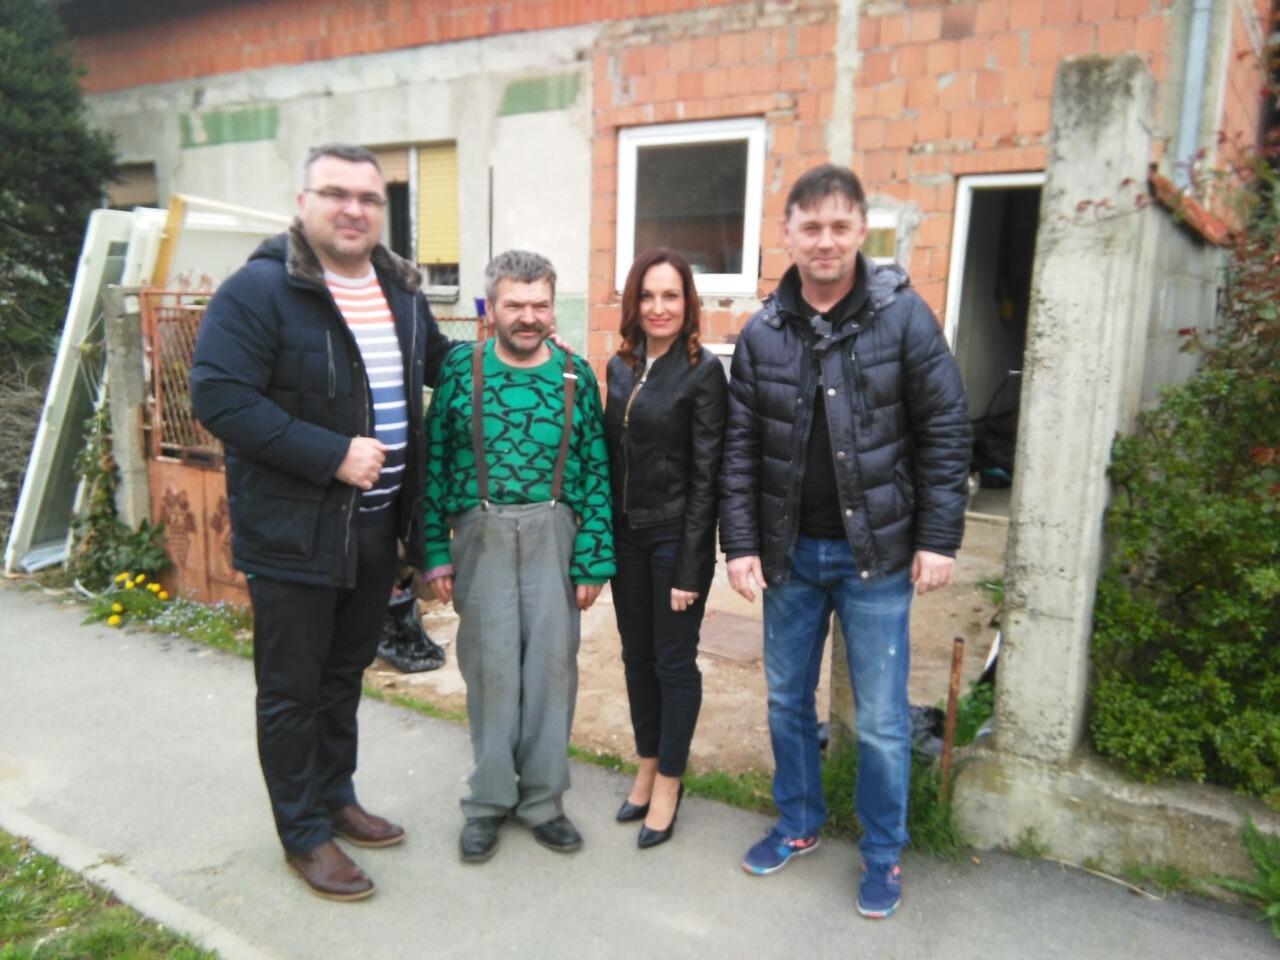 <p>Općinski ogranak HSLS-a je povodom nadolazećih uskršnjih blagdana posjetio i darovao pojedince i obitelji u Čepinu koje su u potrebi.</p>